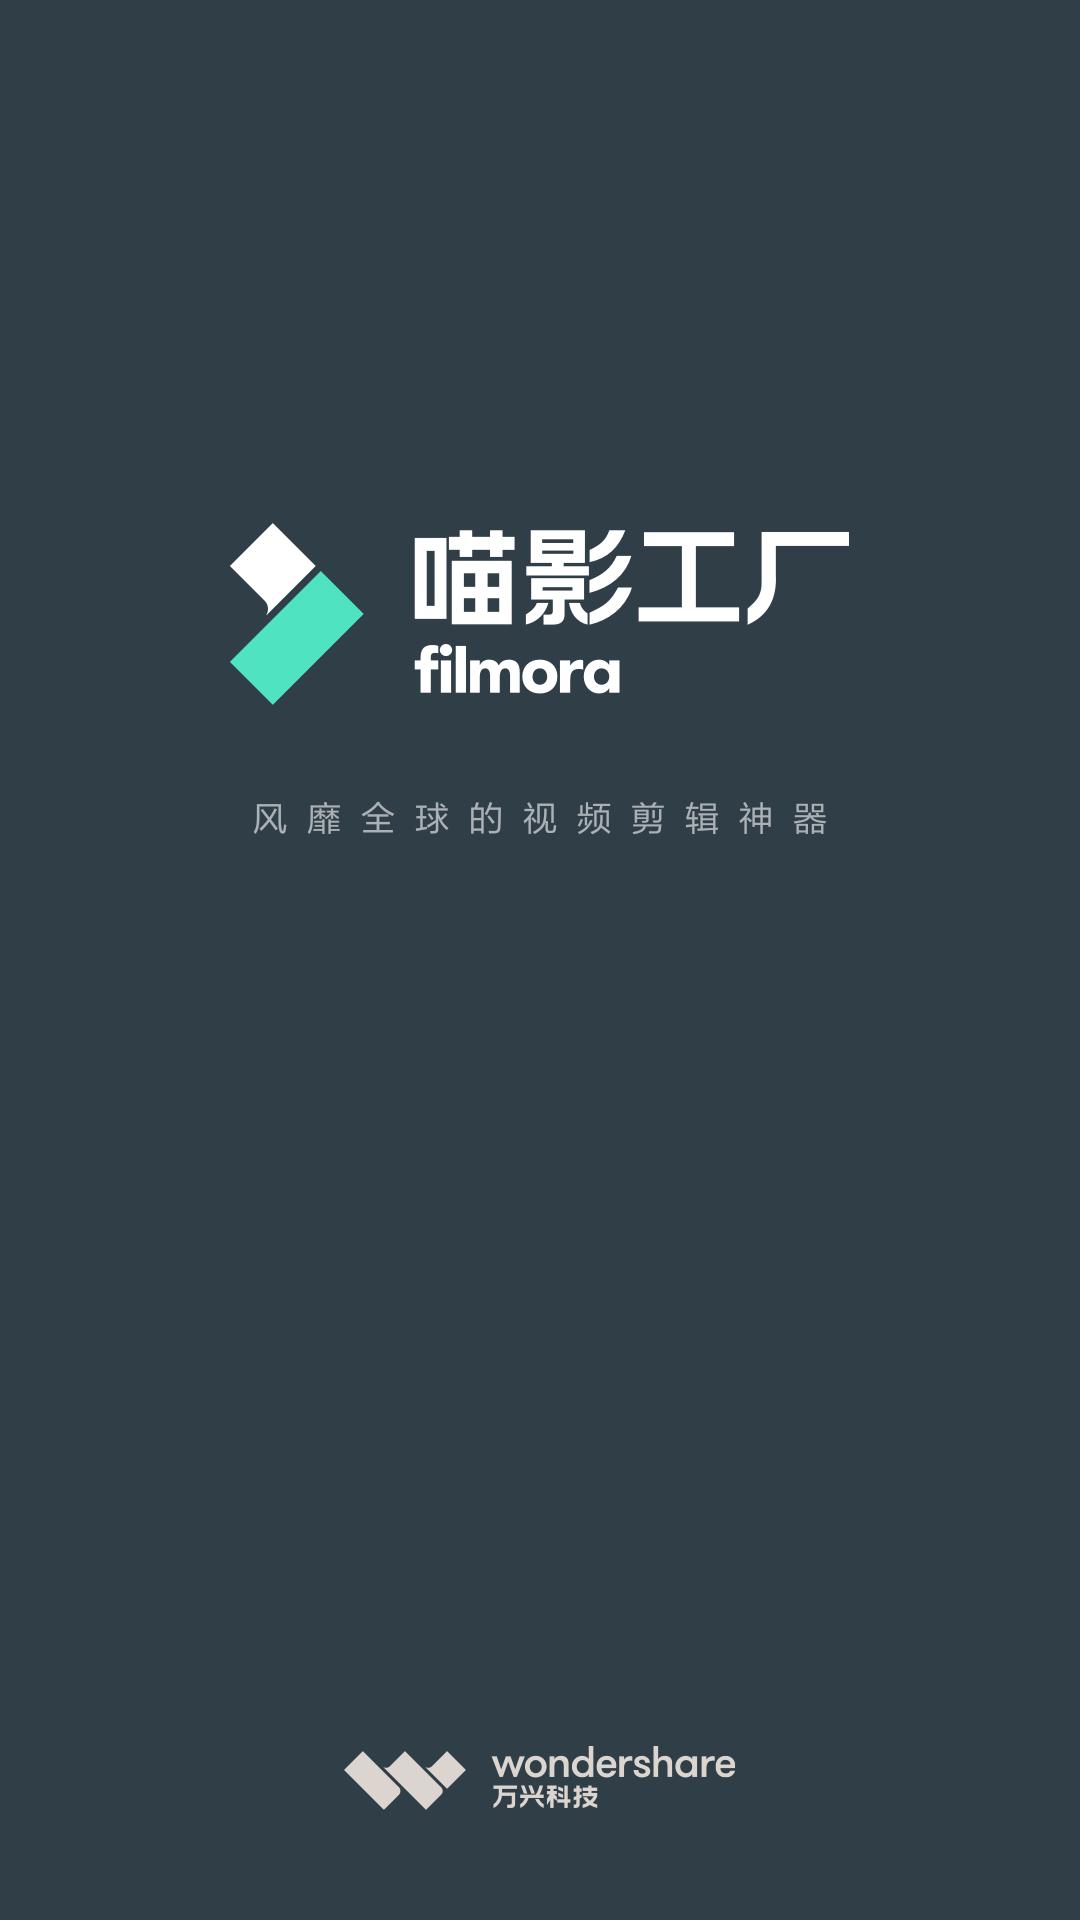 【分享】喵影工厂v2.8.8.1修改版